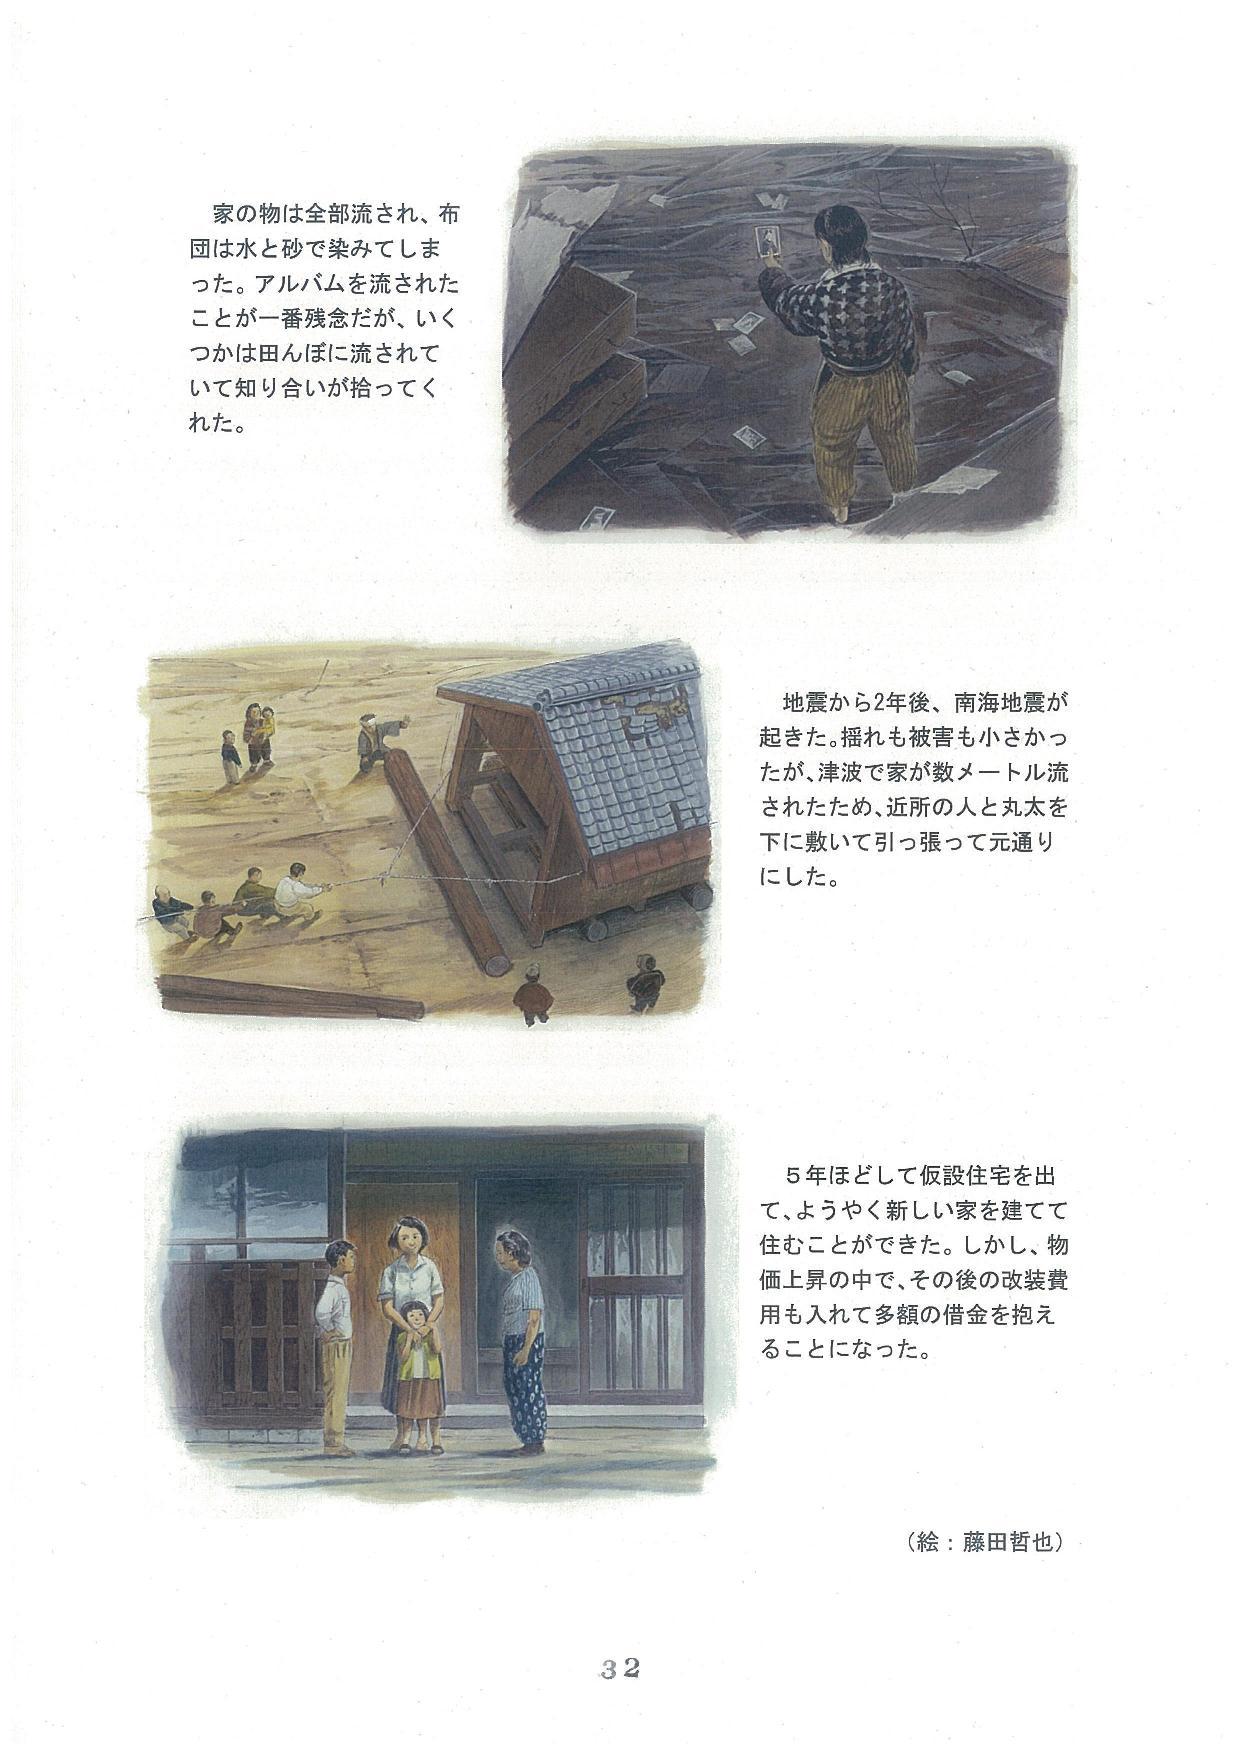 20171208-02_ページ_32